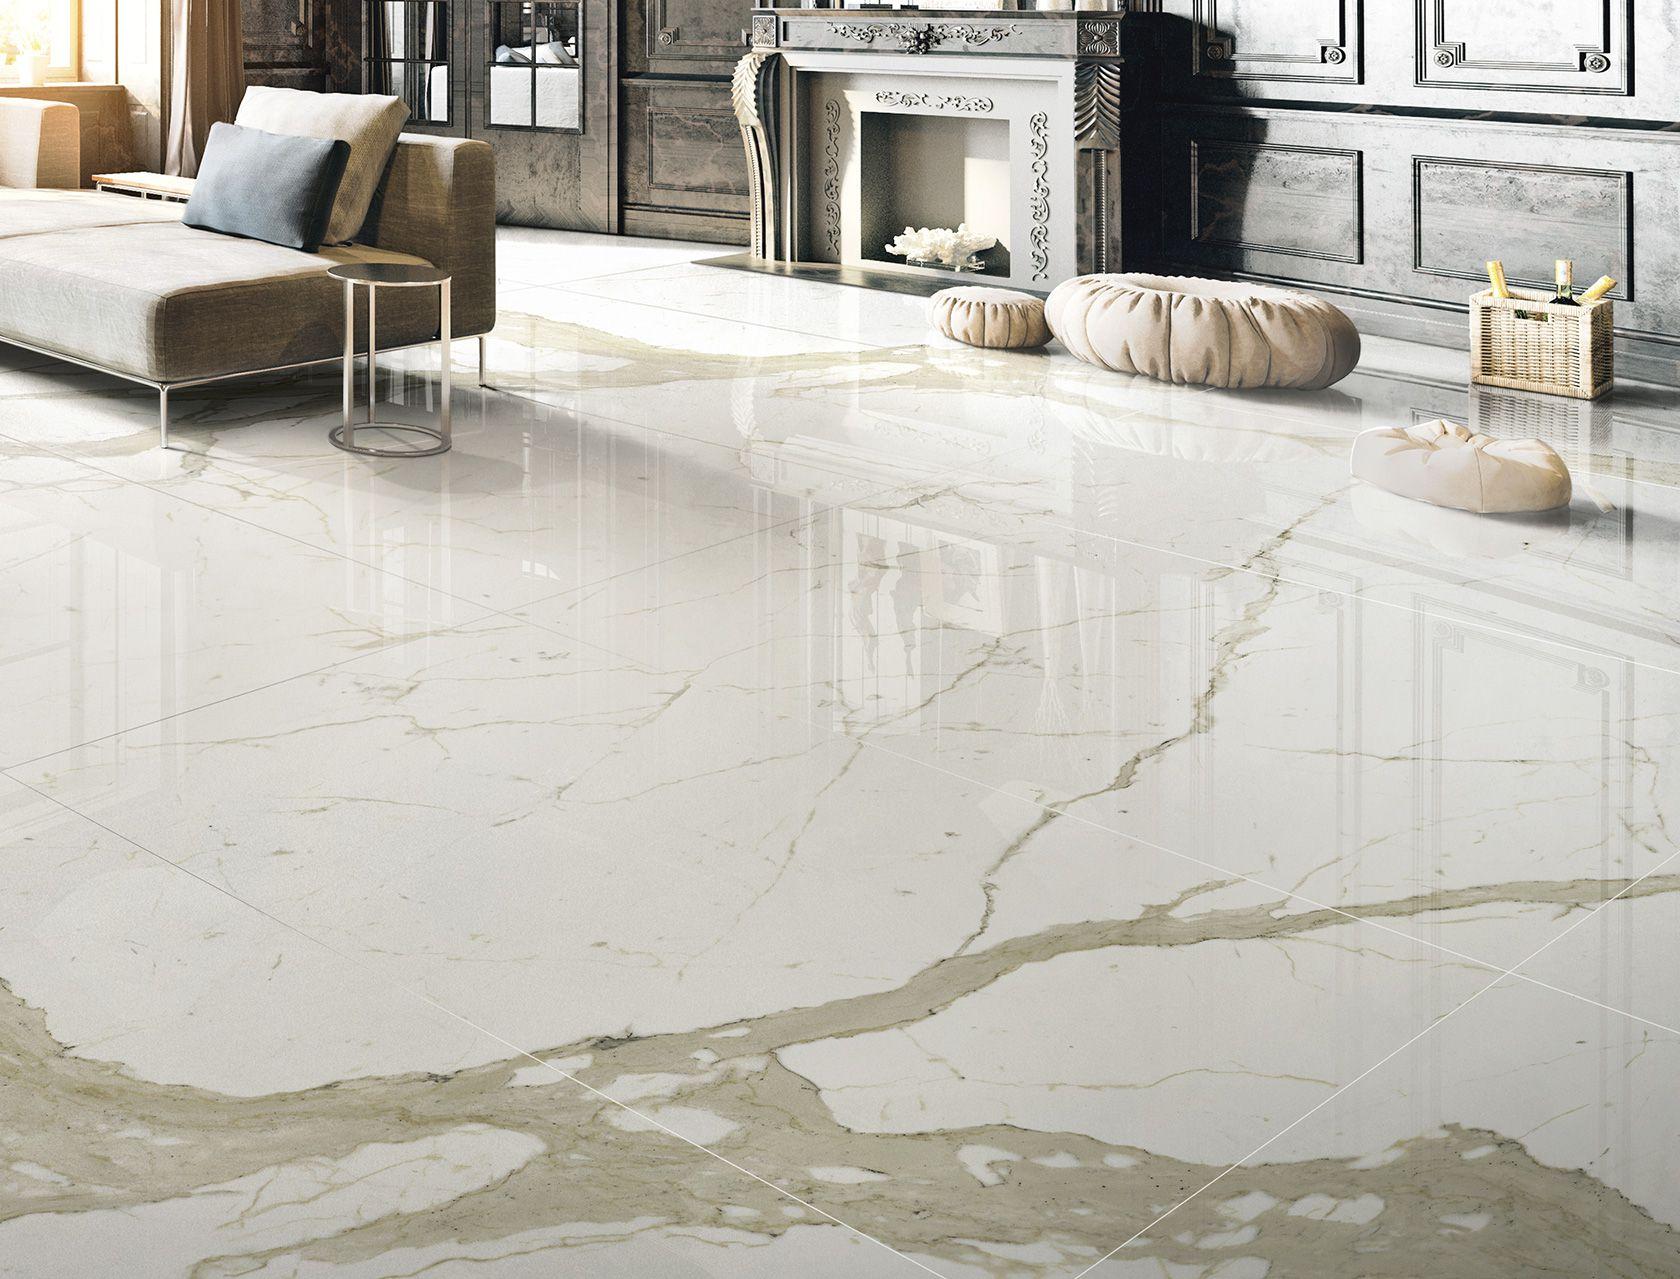 Pulizia e manutenzione dei pavimenti in gres porcellanato - Piastrelle rettificate ...